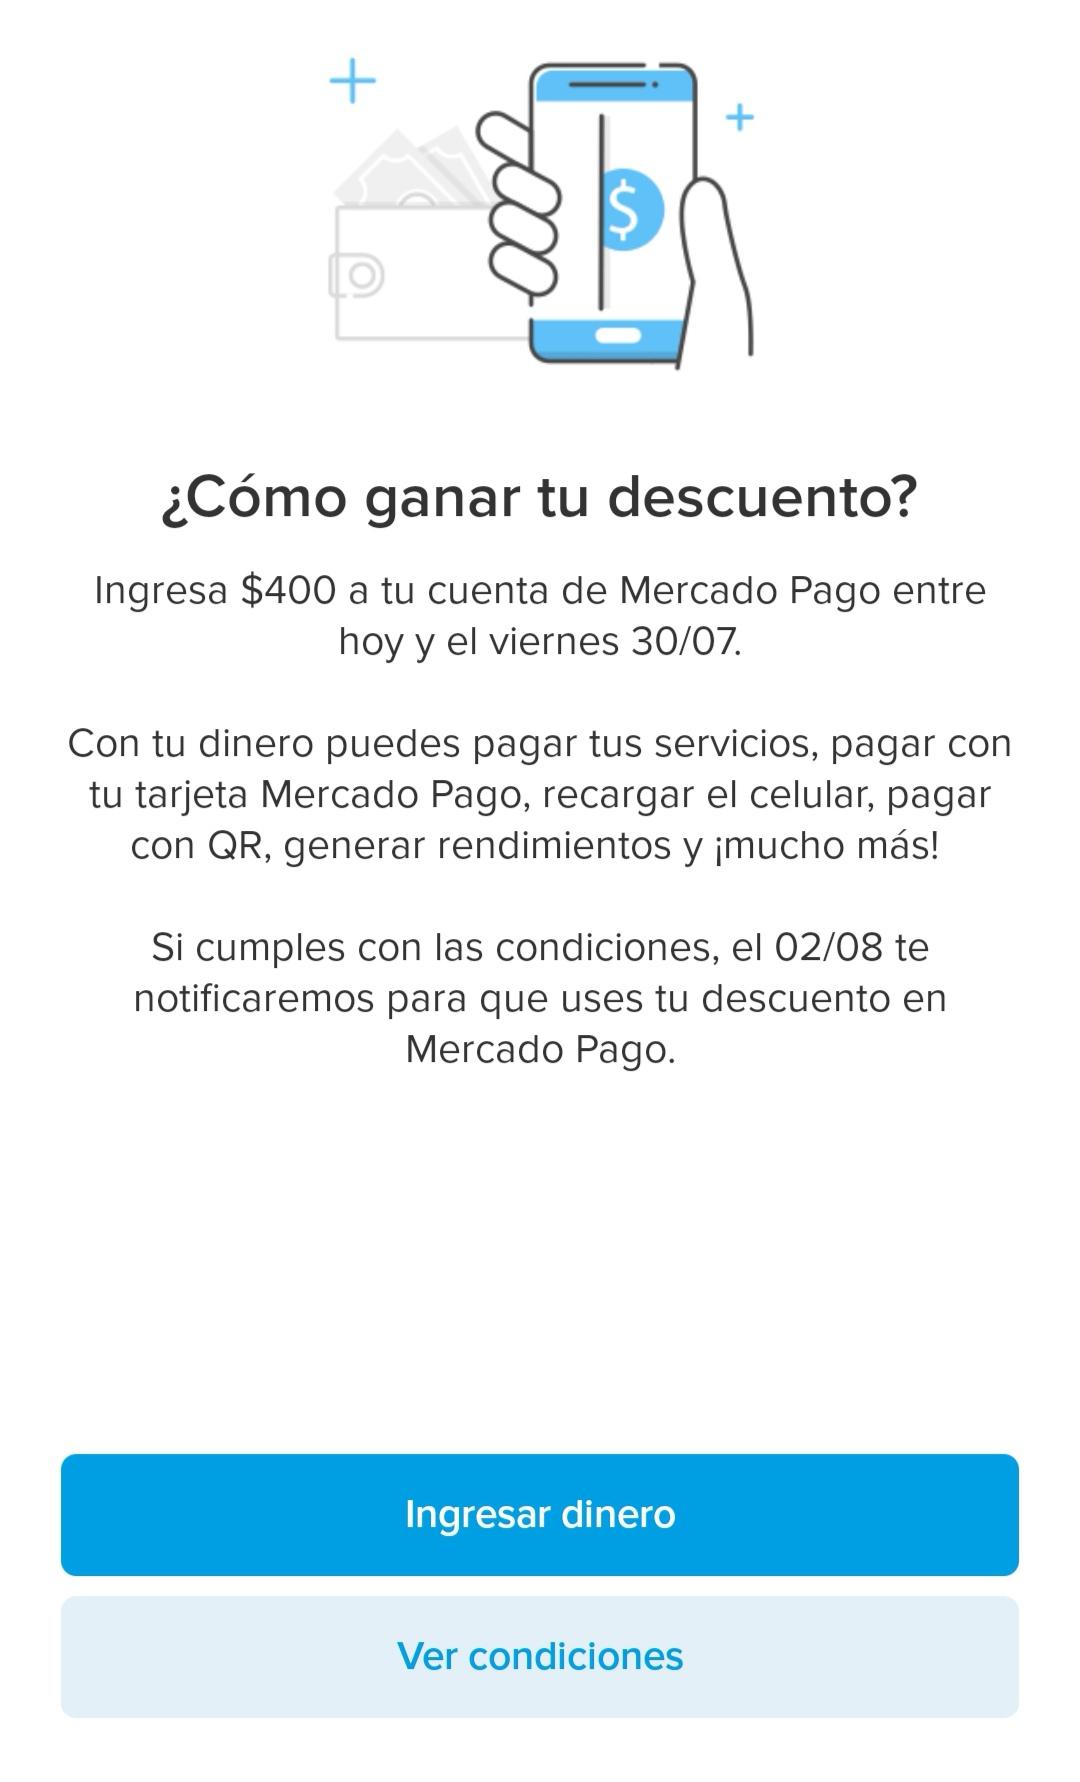 Mercado Pago: $60 descuento exclusivo para uso en app (usuarios seleccionados)